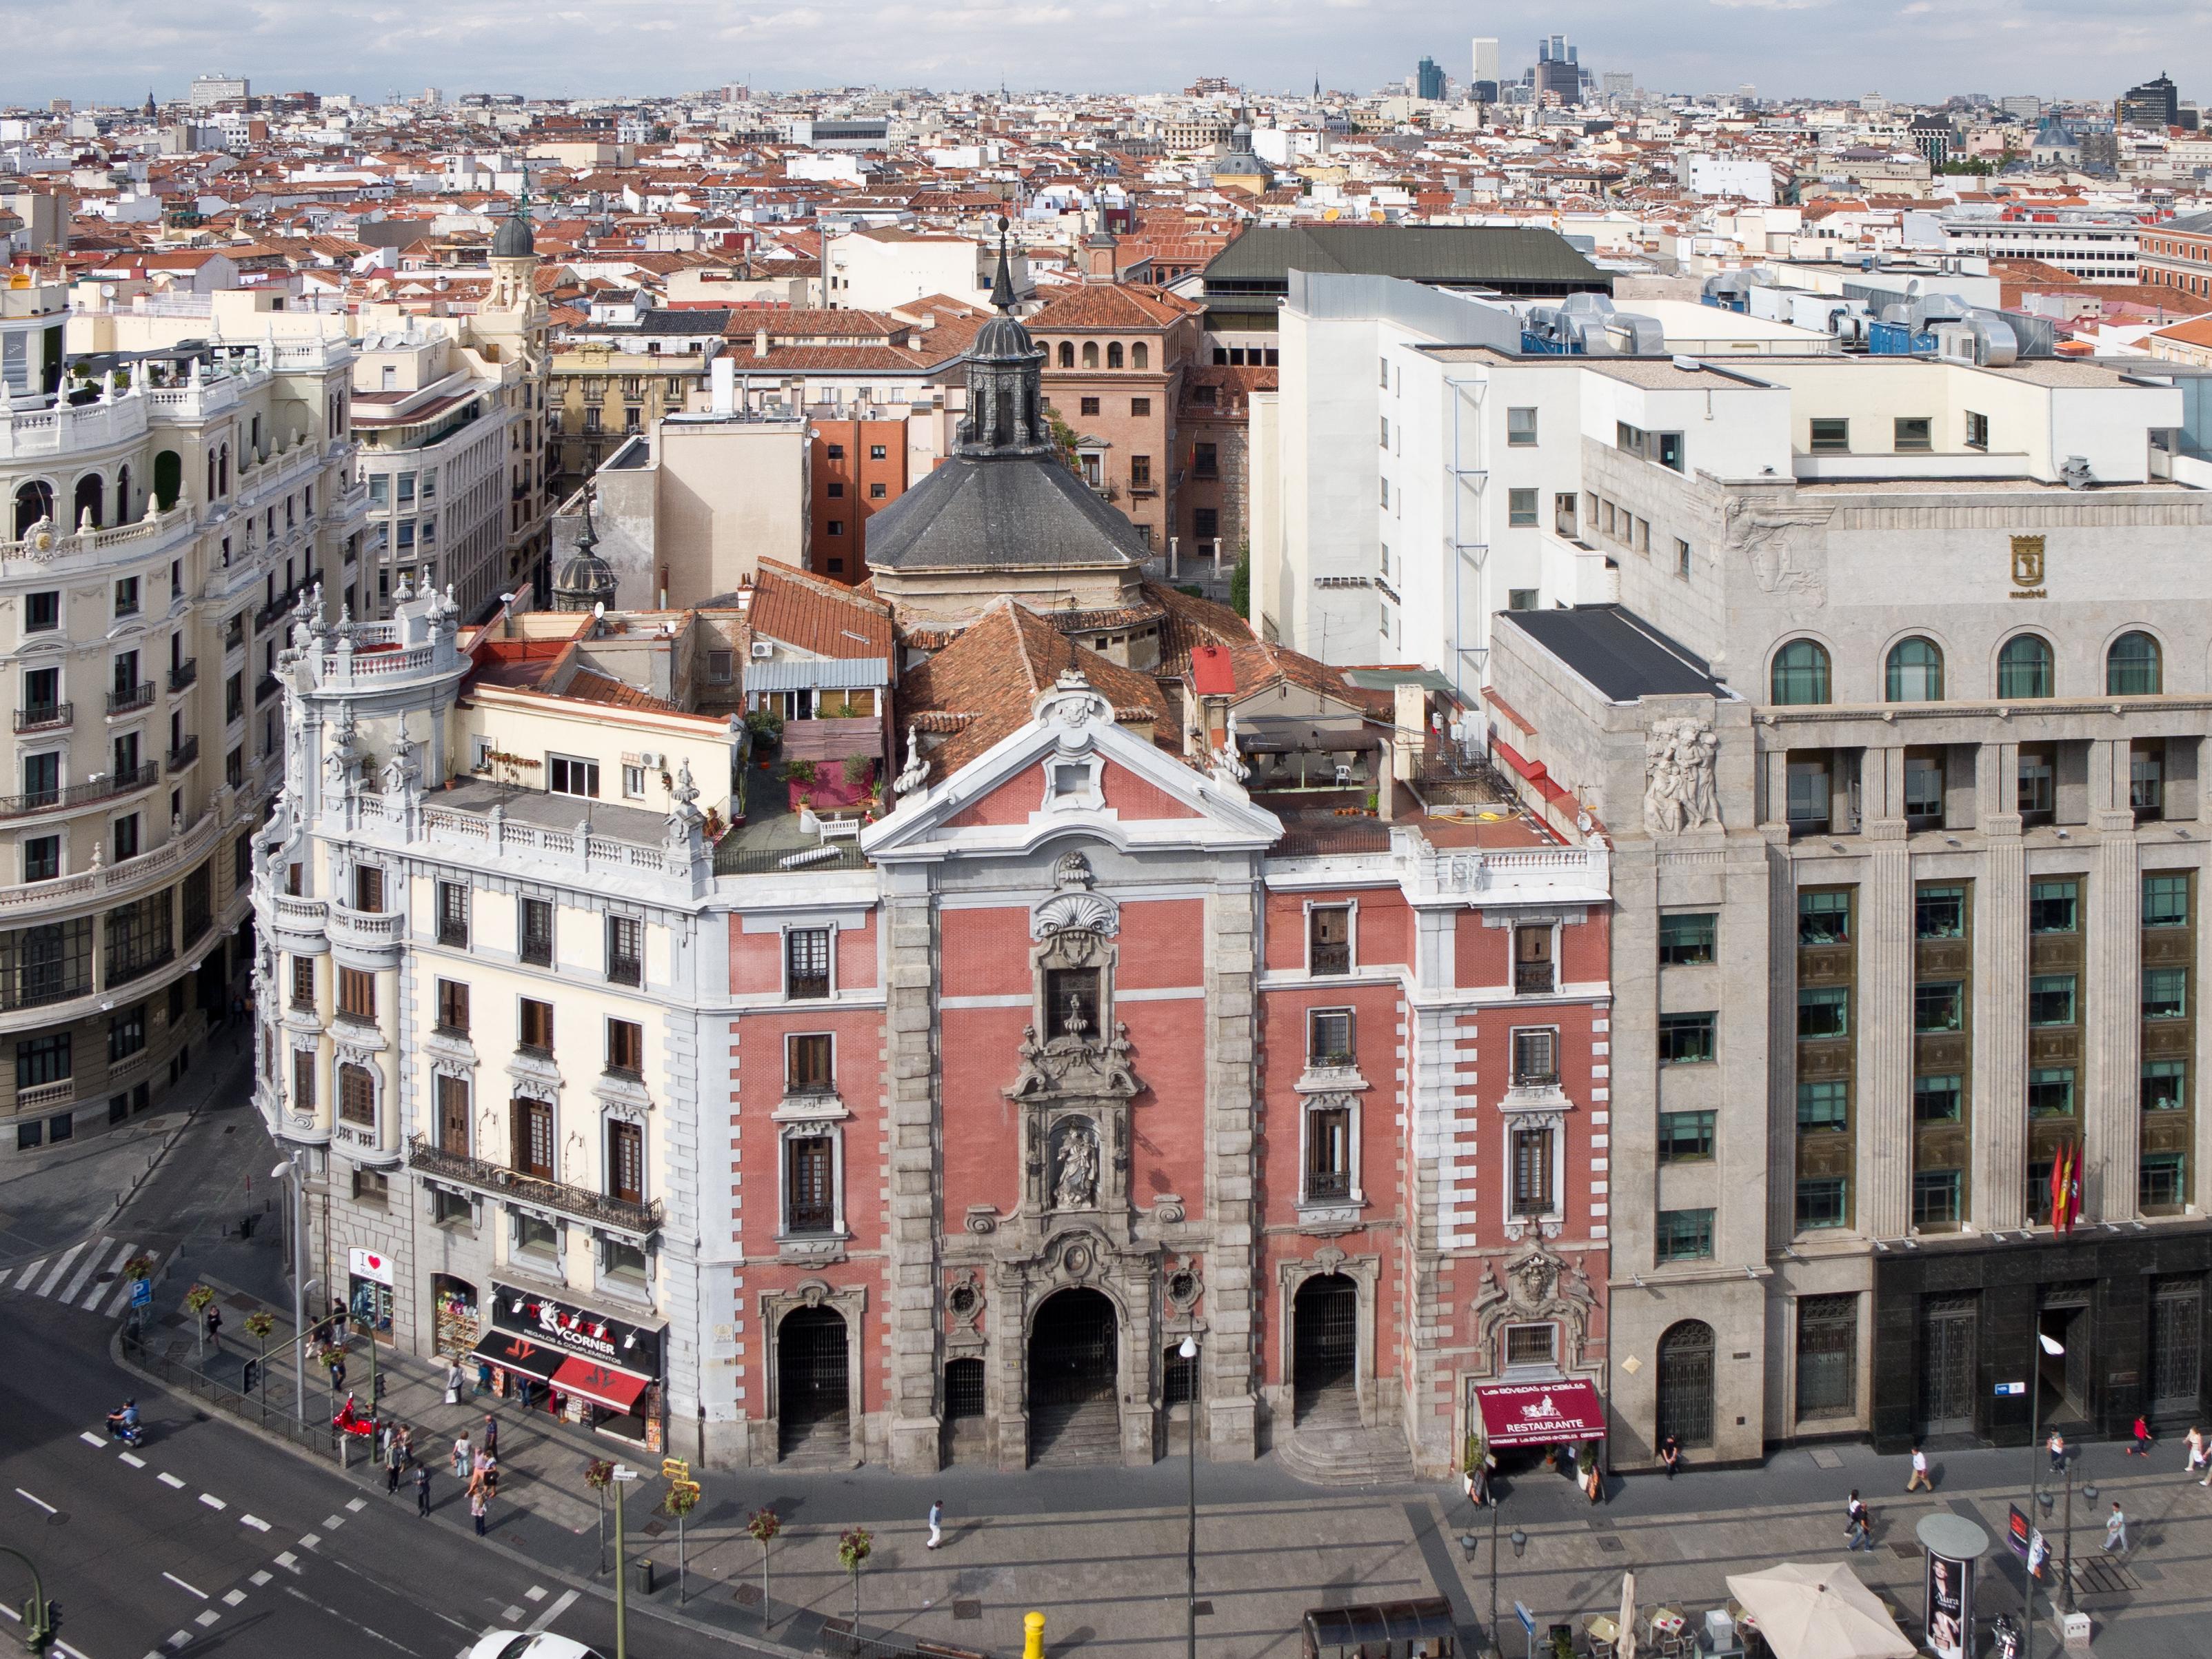 Iglesia de San Jose, situada entre las calles Alcalá y Gran Via